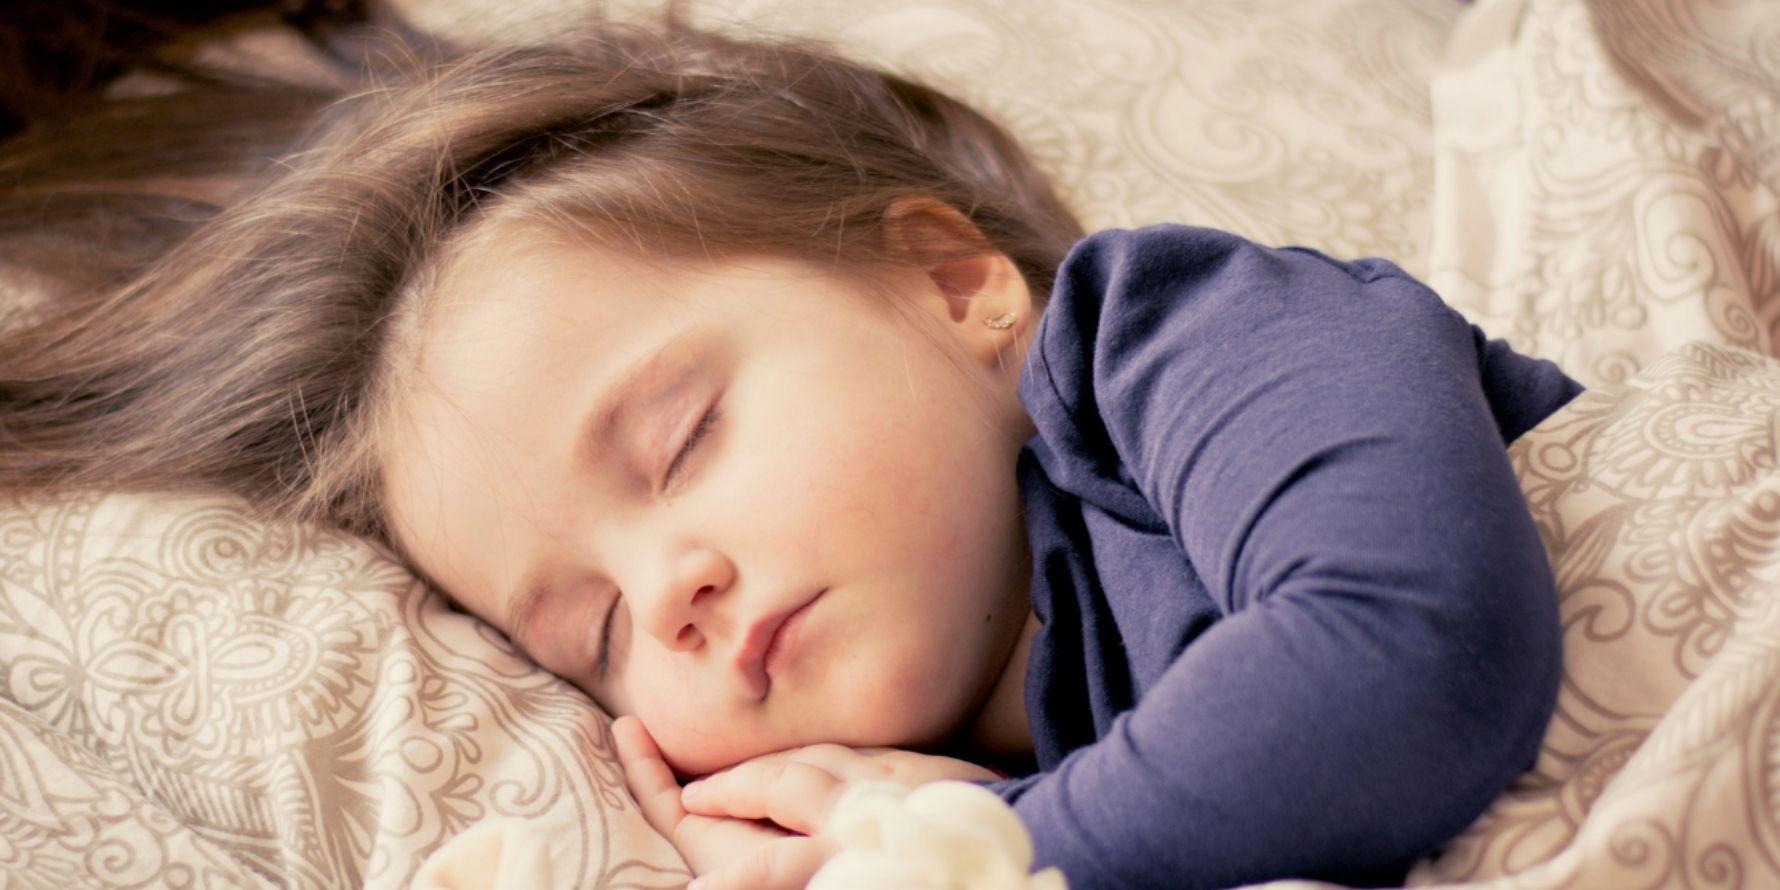 幫助小孩睡眠的六個建議